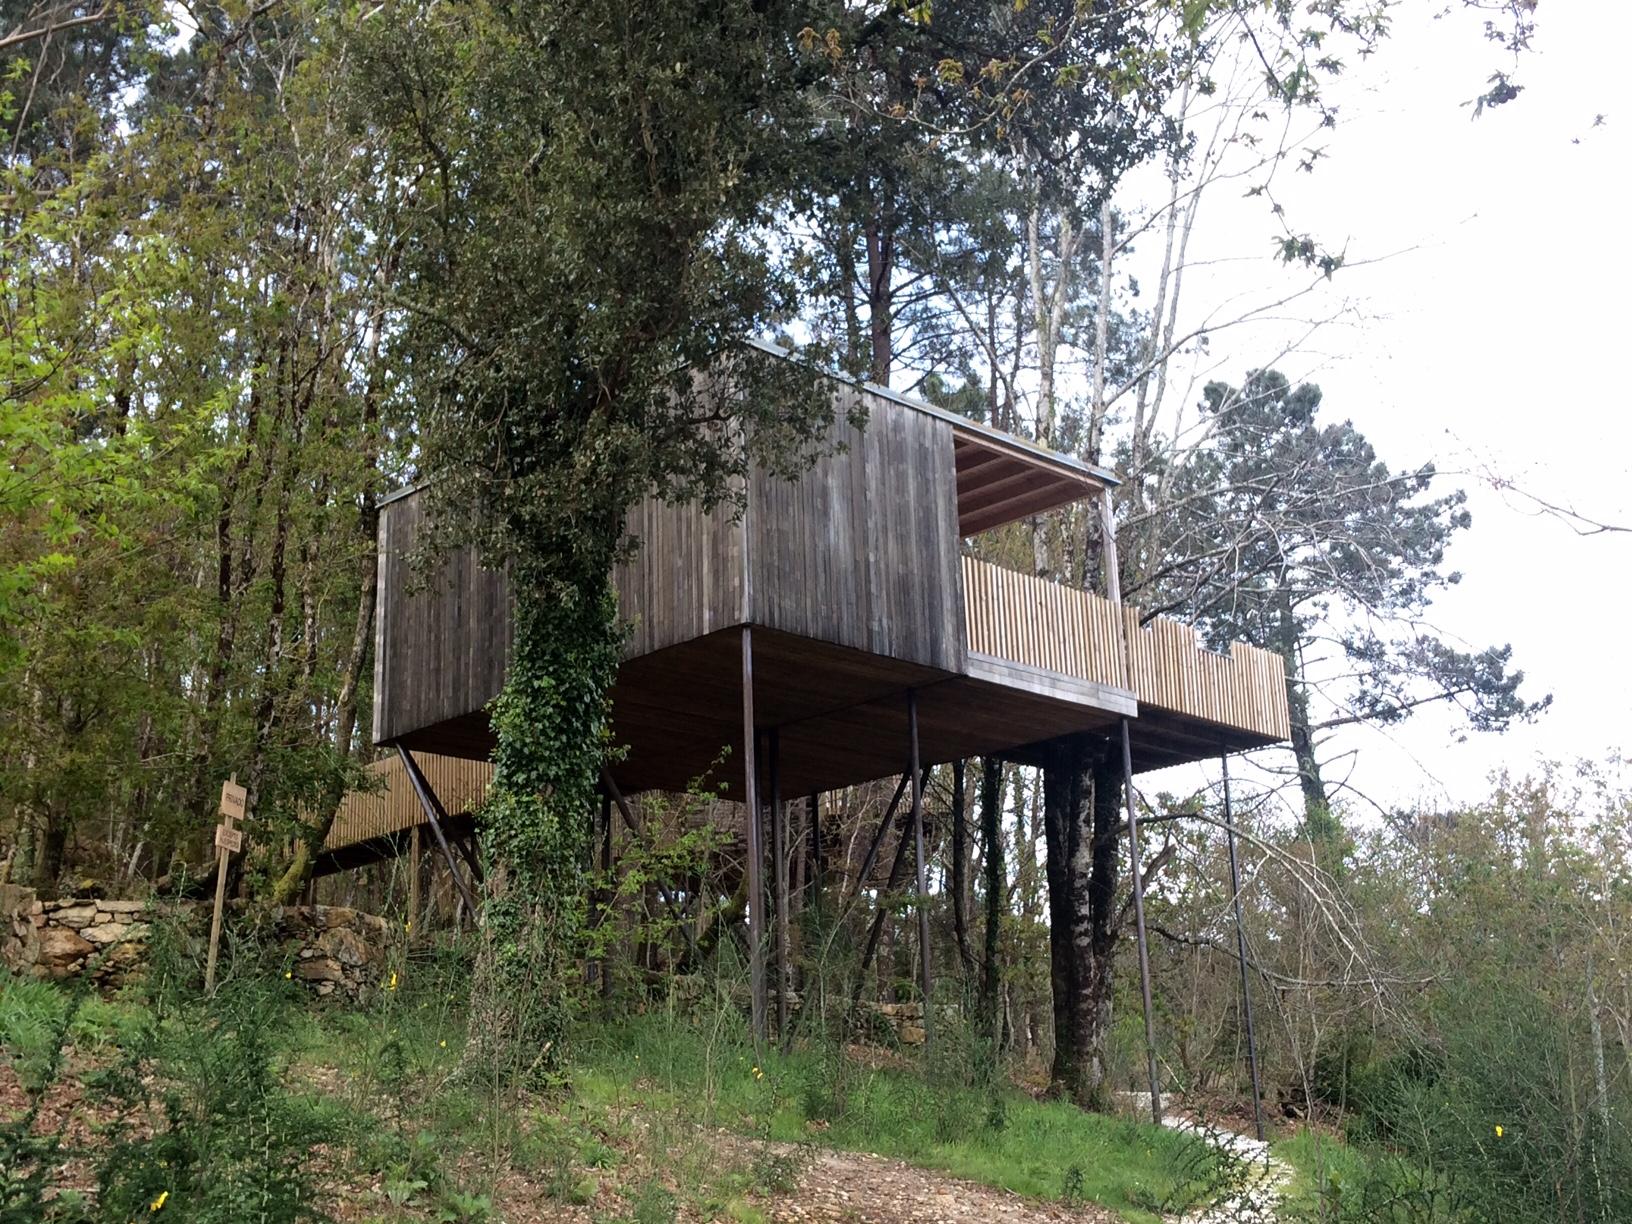 8 propuestas disfrutonas para dormir en una caba a en los rboles familias disfrutonas - Casas en los arboles girona ...